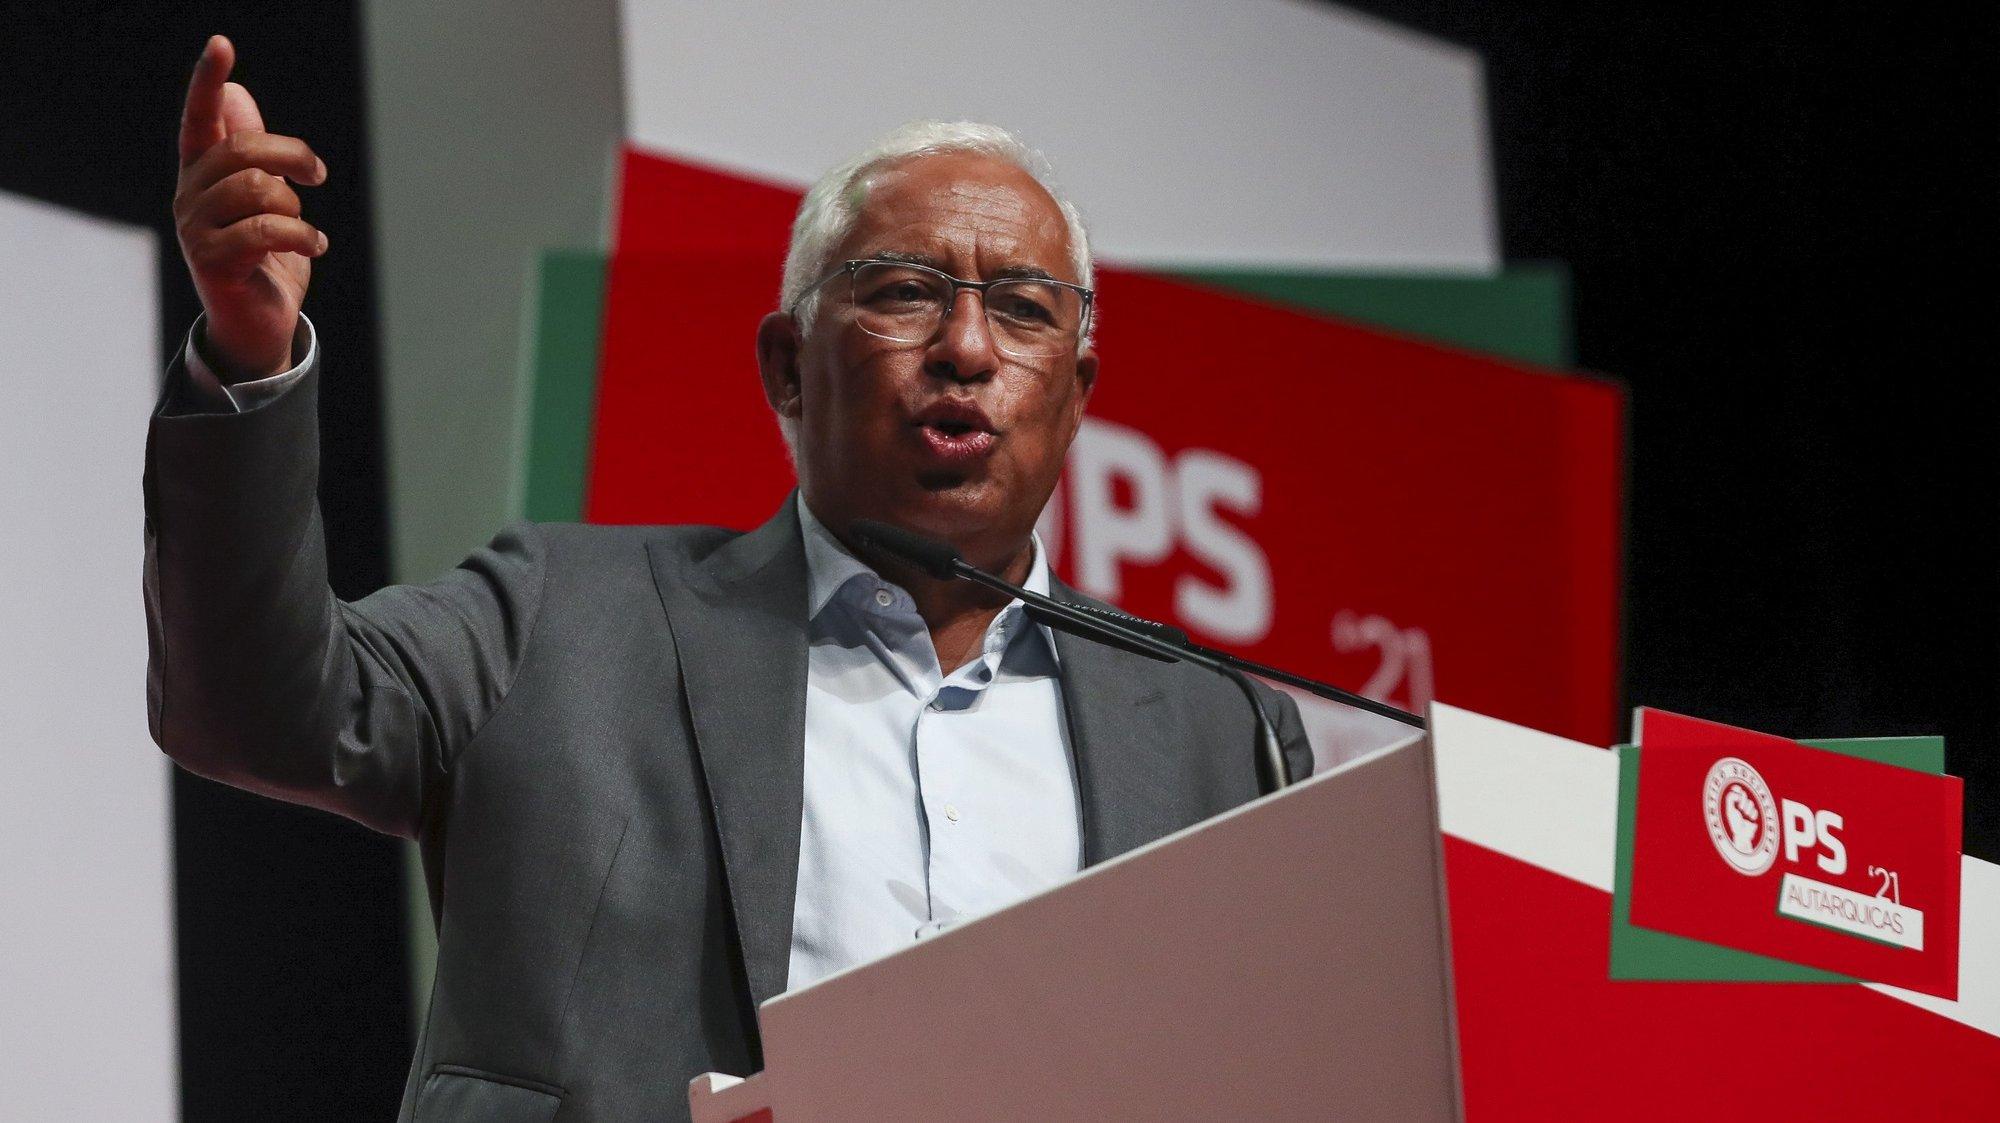 O secretário-geral do Partido Socialista (PS), António Costa, intervém durante o comício de campanha no âmbito das eleições autárquicas, Coimbra, 15 de setembro de 2021. No próximo dia 26 de setembro mais de 9,3 milhões eleitores podem votar nas eleições Autárquicas, para eleger os seus representantes locais. PAULO NOVAIS/LUSA